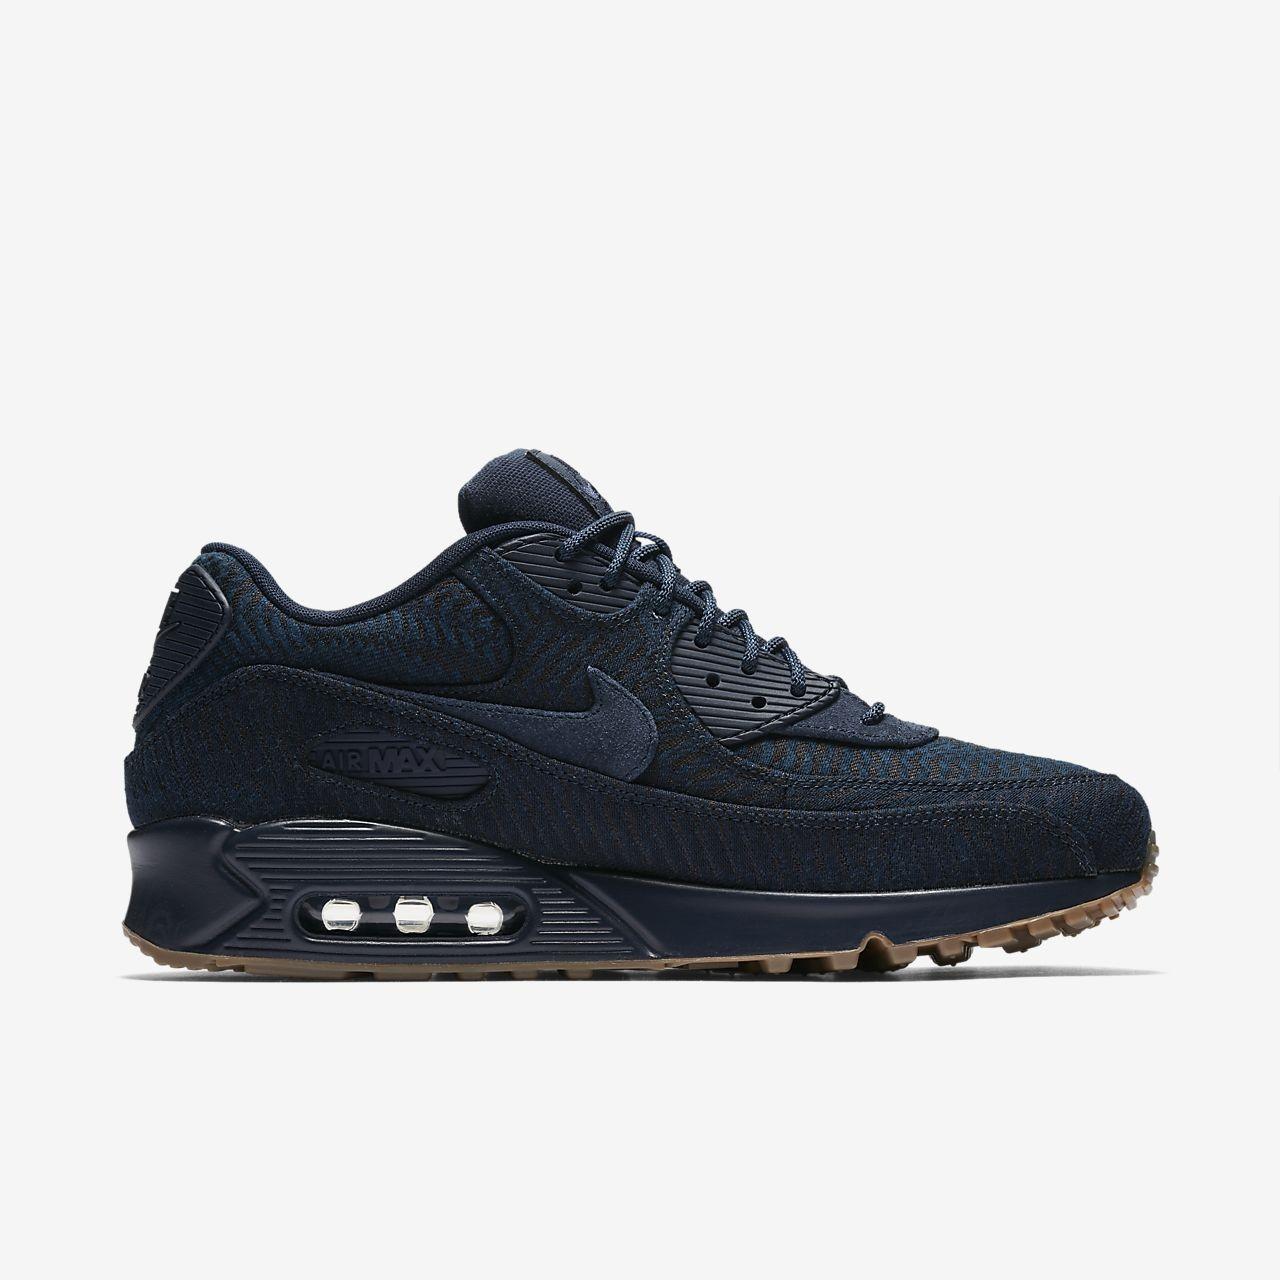 e4e7ccad2d chaussures homme nike air max 90 premium